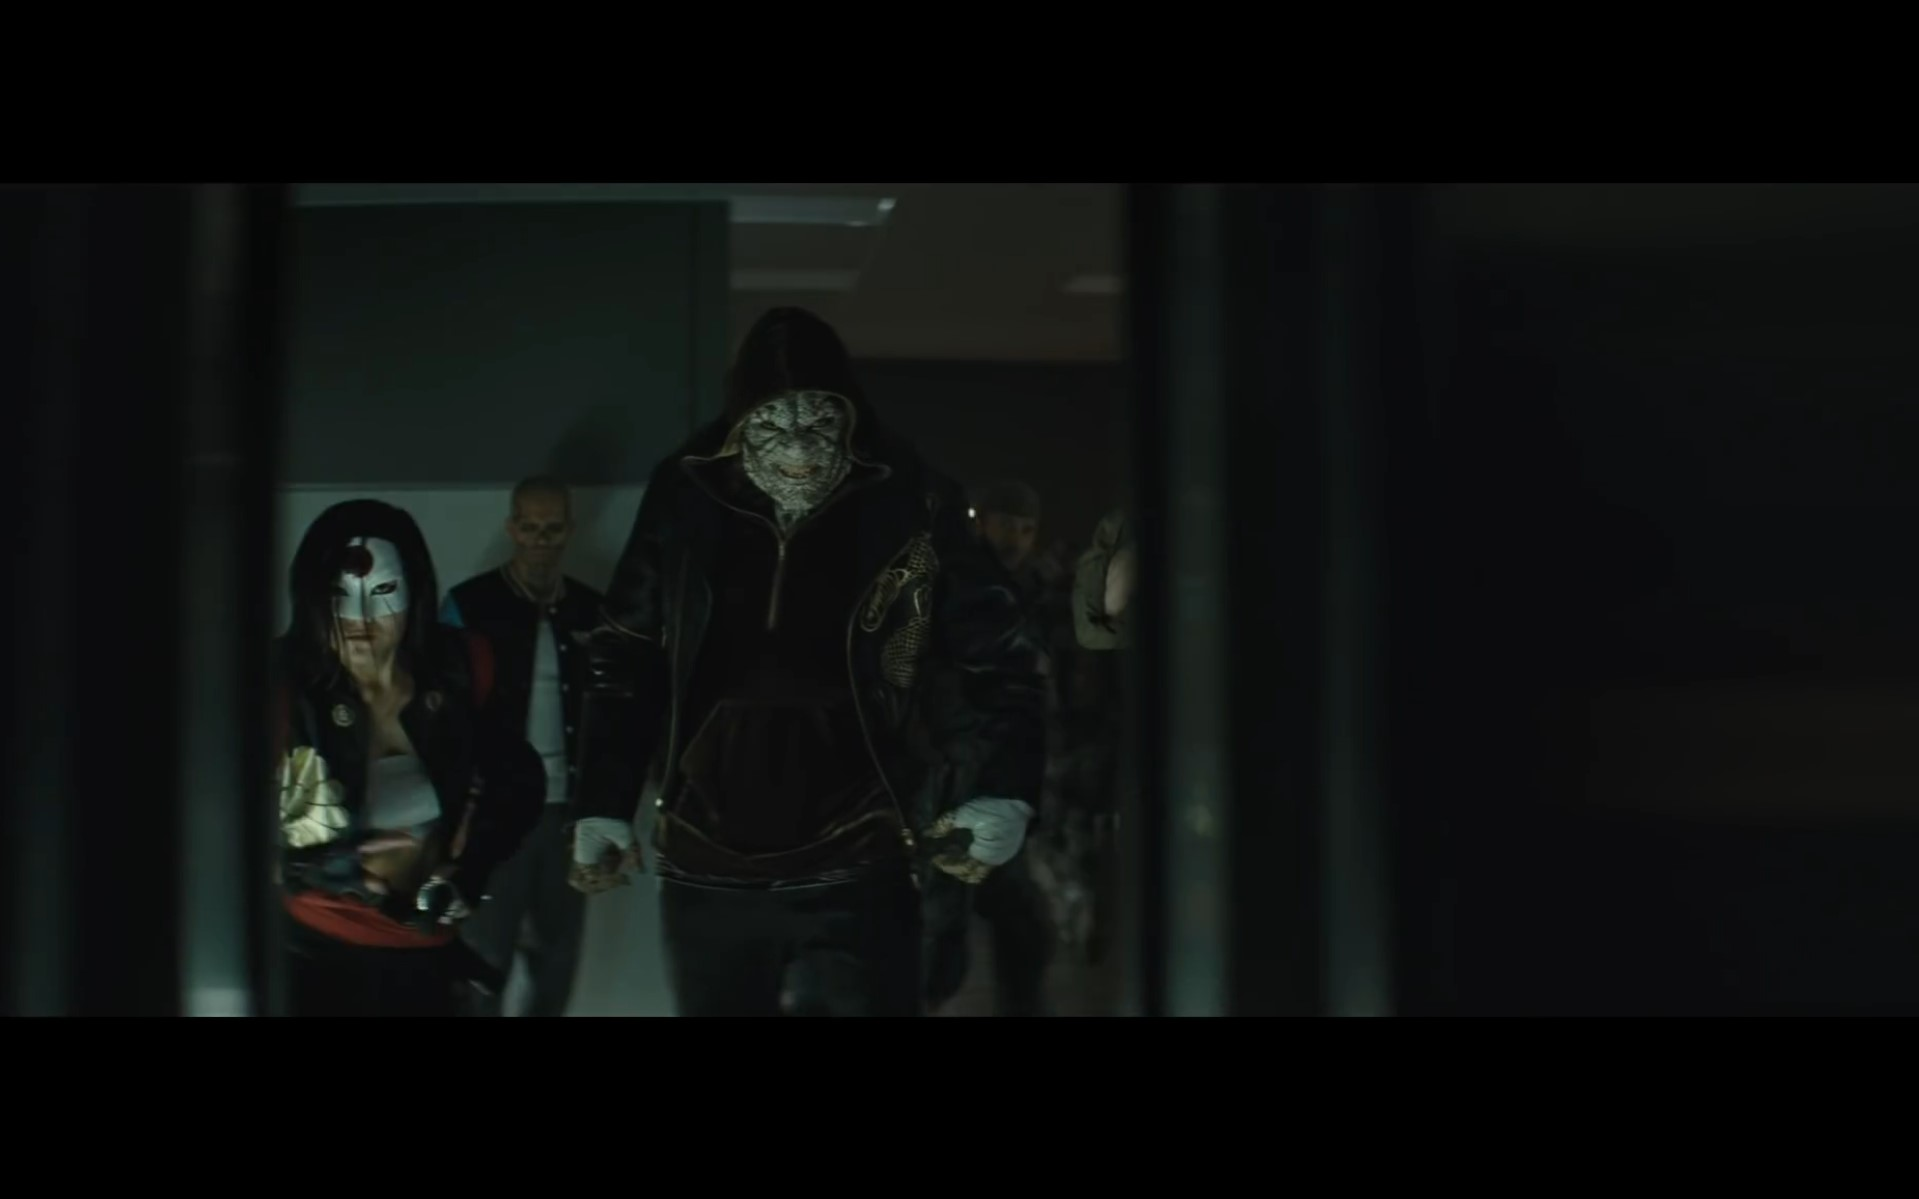 Смотреть новинки кино онлайн в нд Человек паук: Возвращение домой